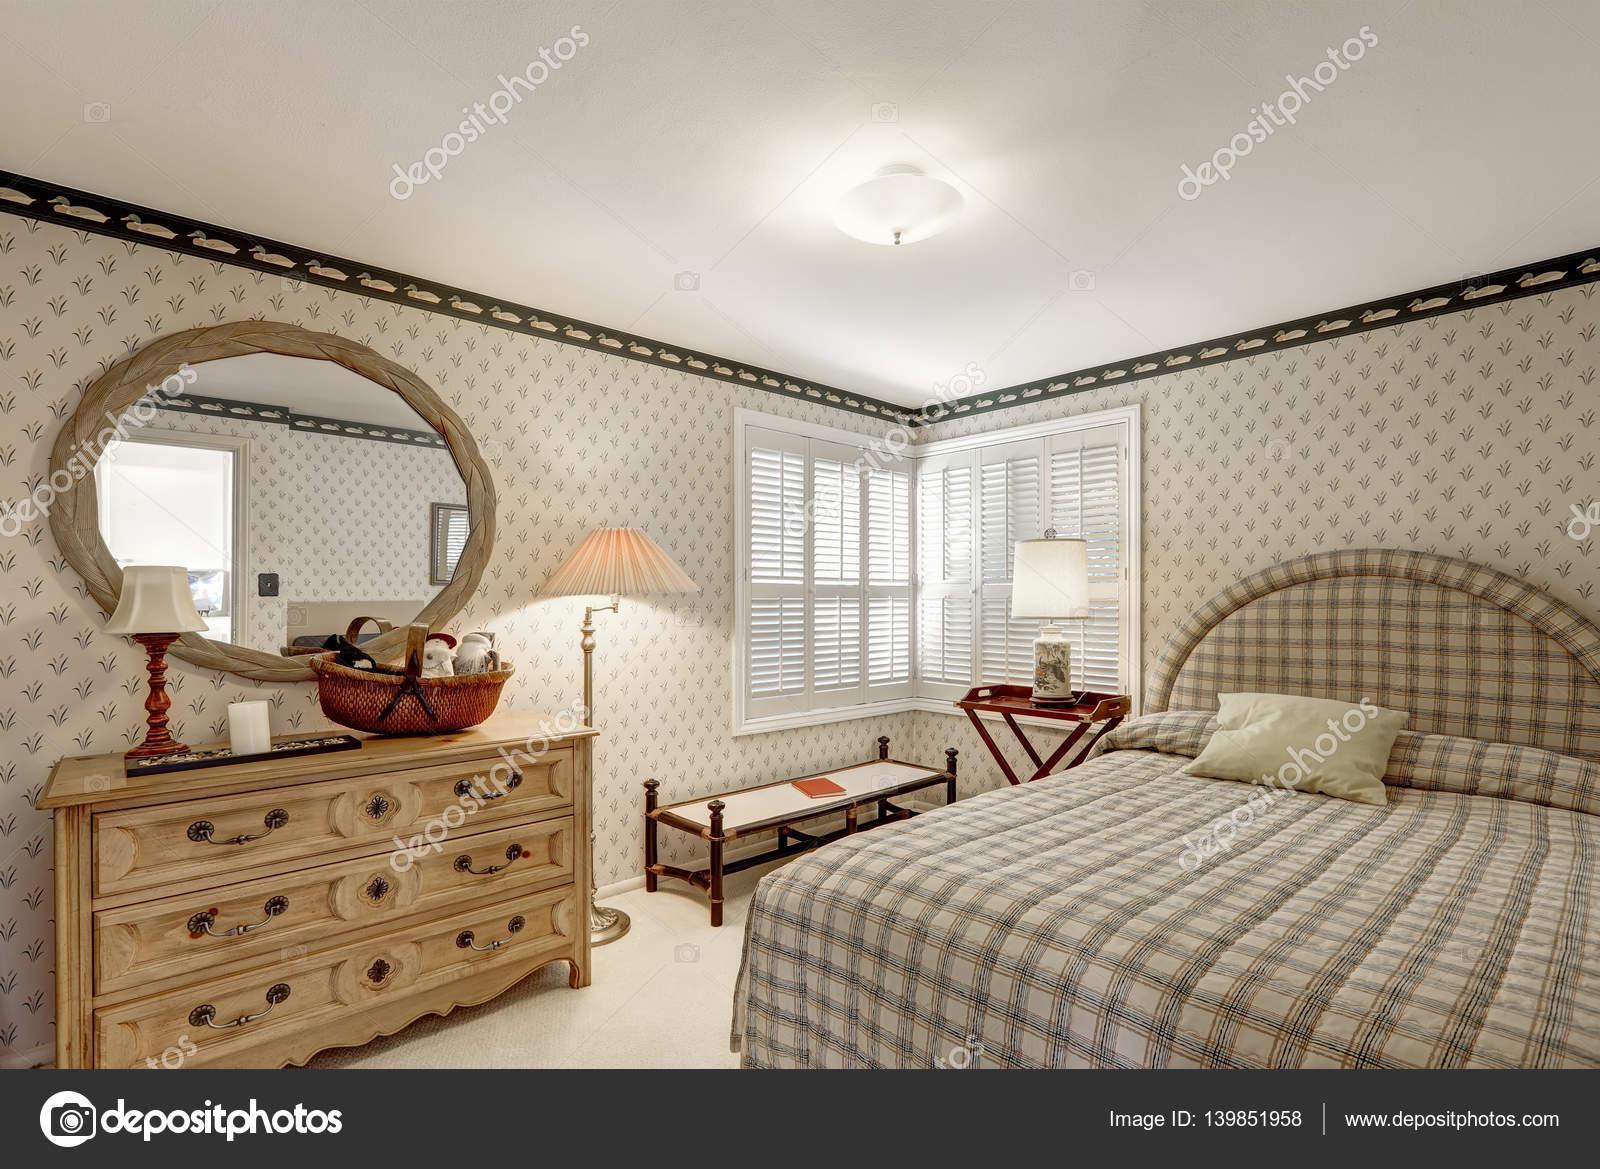 Lieblich Gemütliche Schlafzimmer Design In Grautönen Funktionen Beige Grass  Tapezierte Wände Gestaltung Gewölbte Grauen Aufgegebenes Kopfteil Passende  Bettwäsche, ...